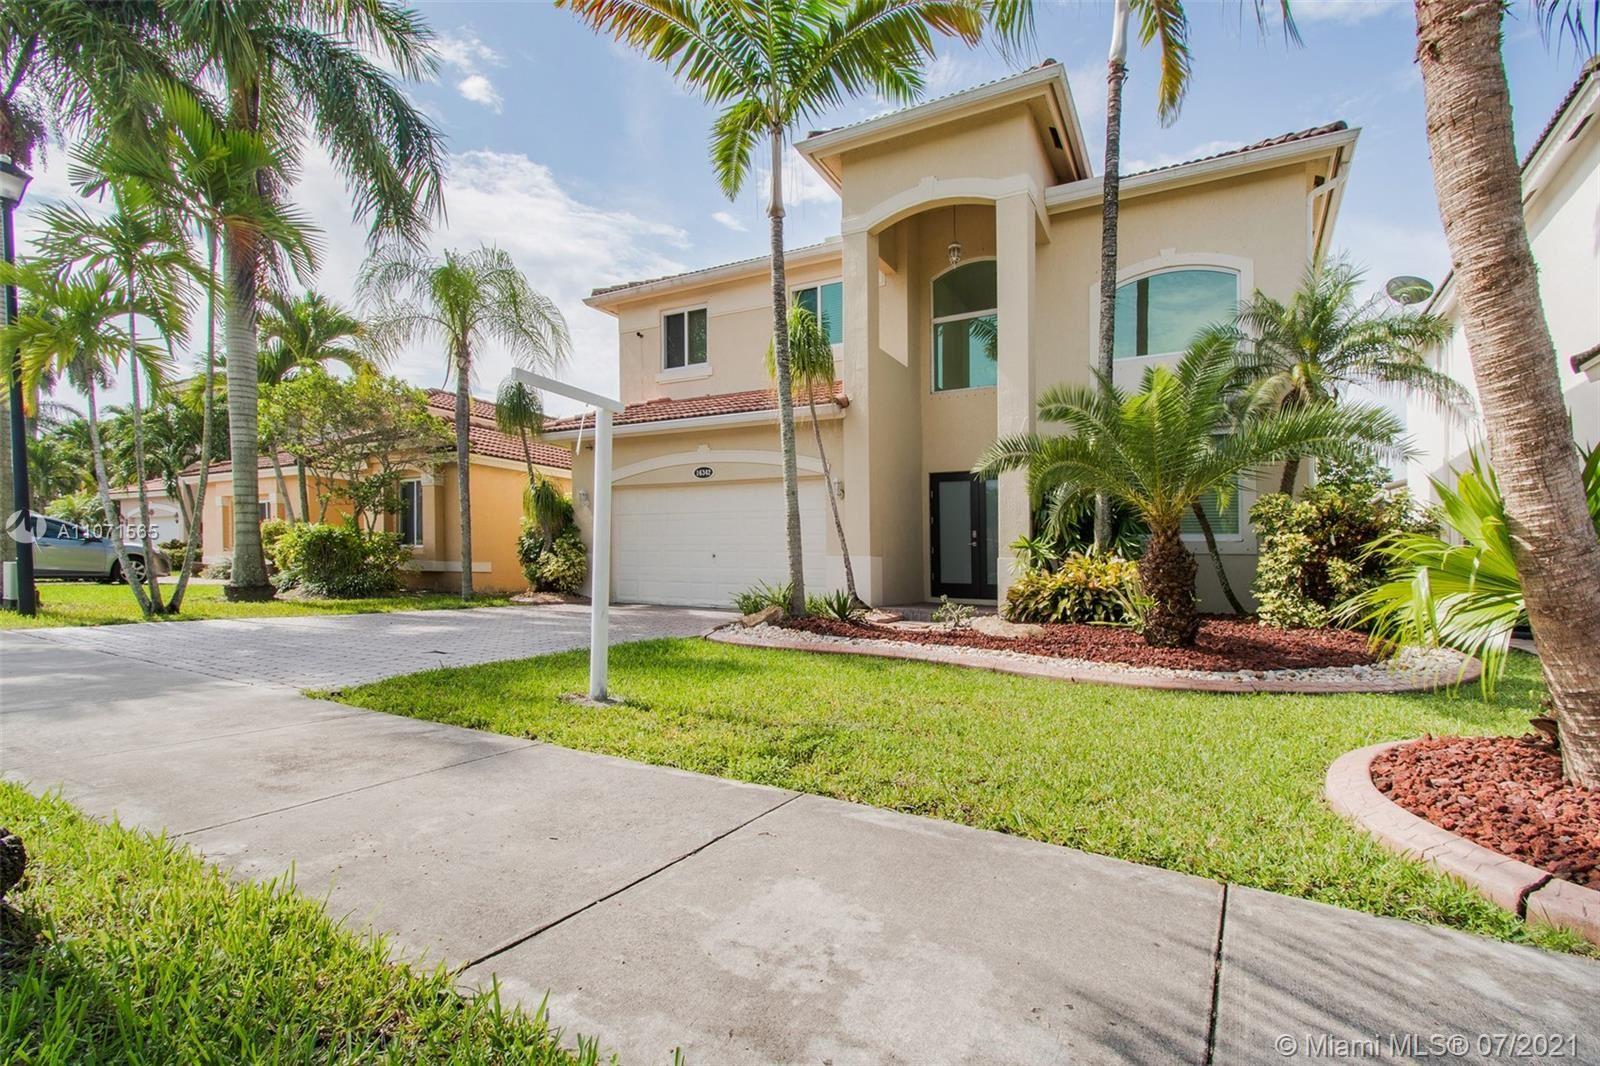 16342 SW 68th Ter, Miami, FL 33193 - #: A11071565